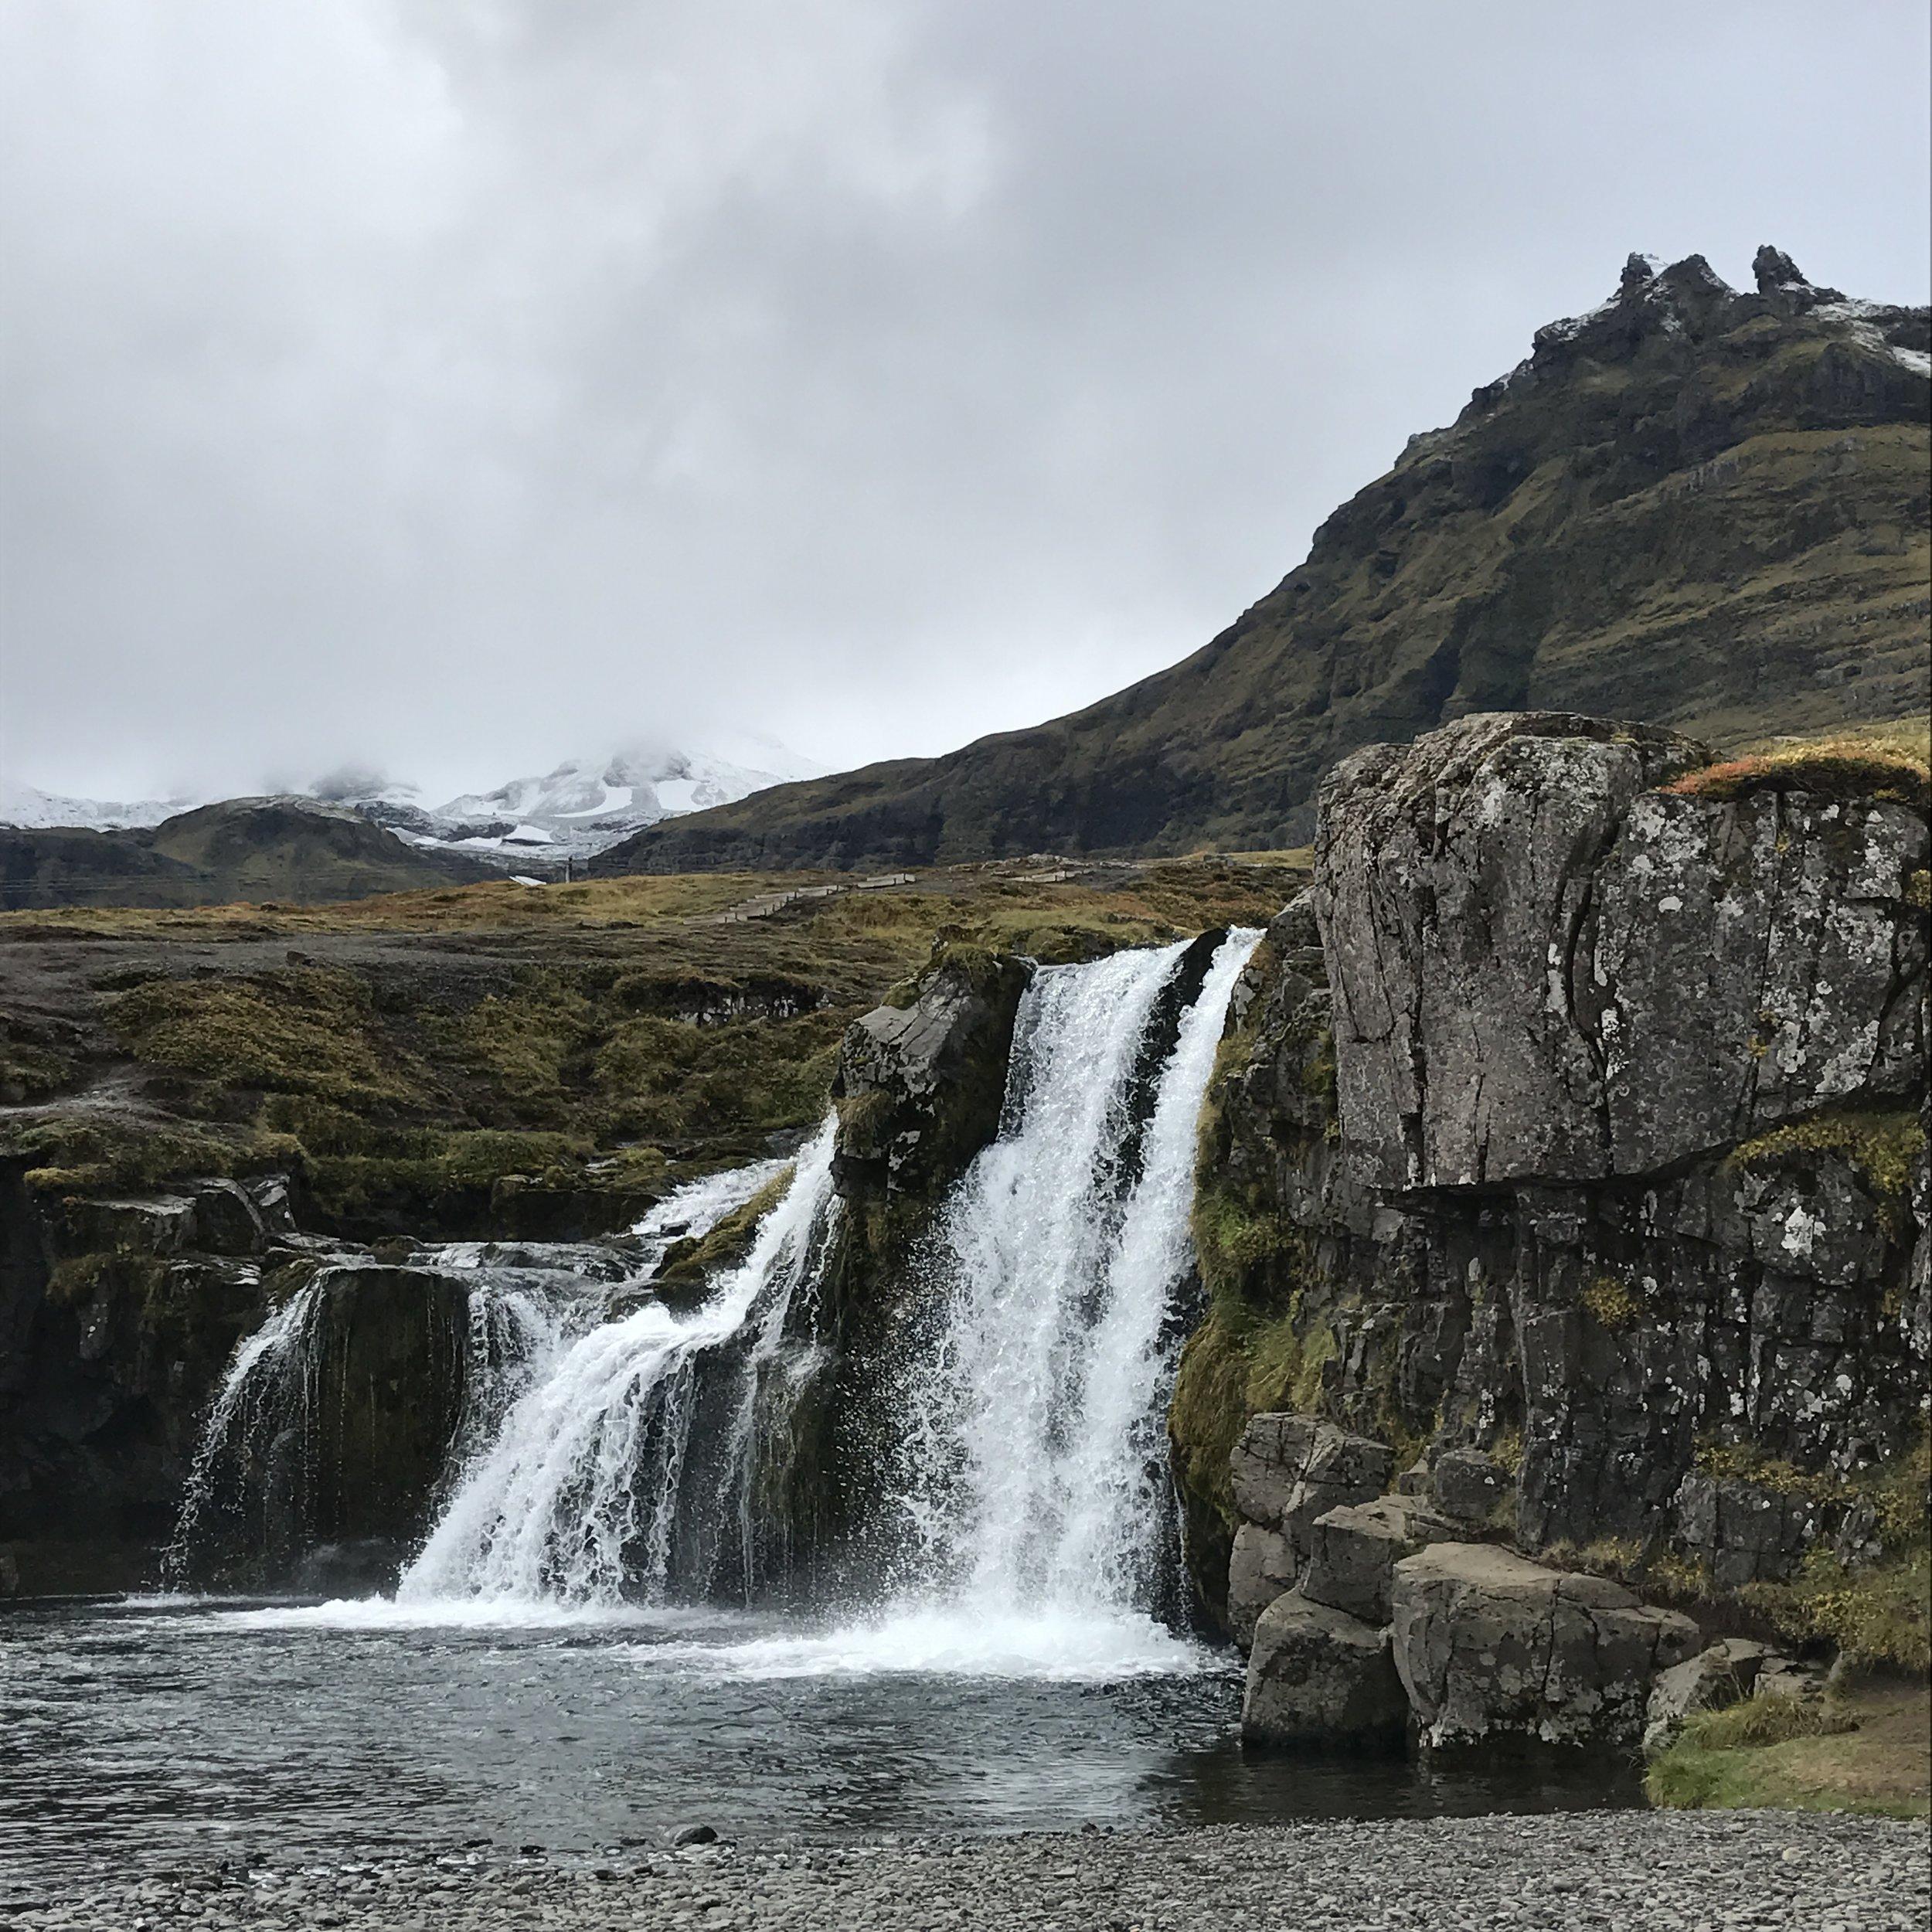 The waterfall at Kirkjufell